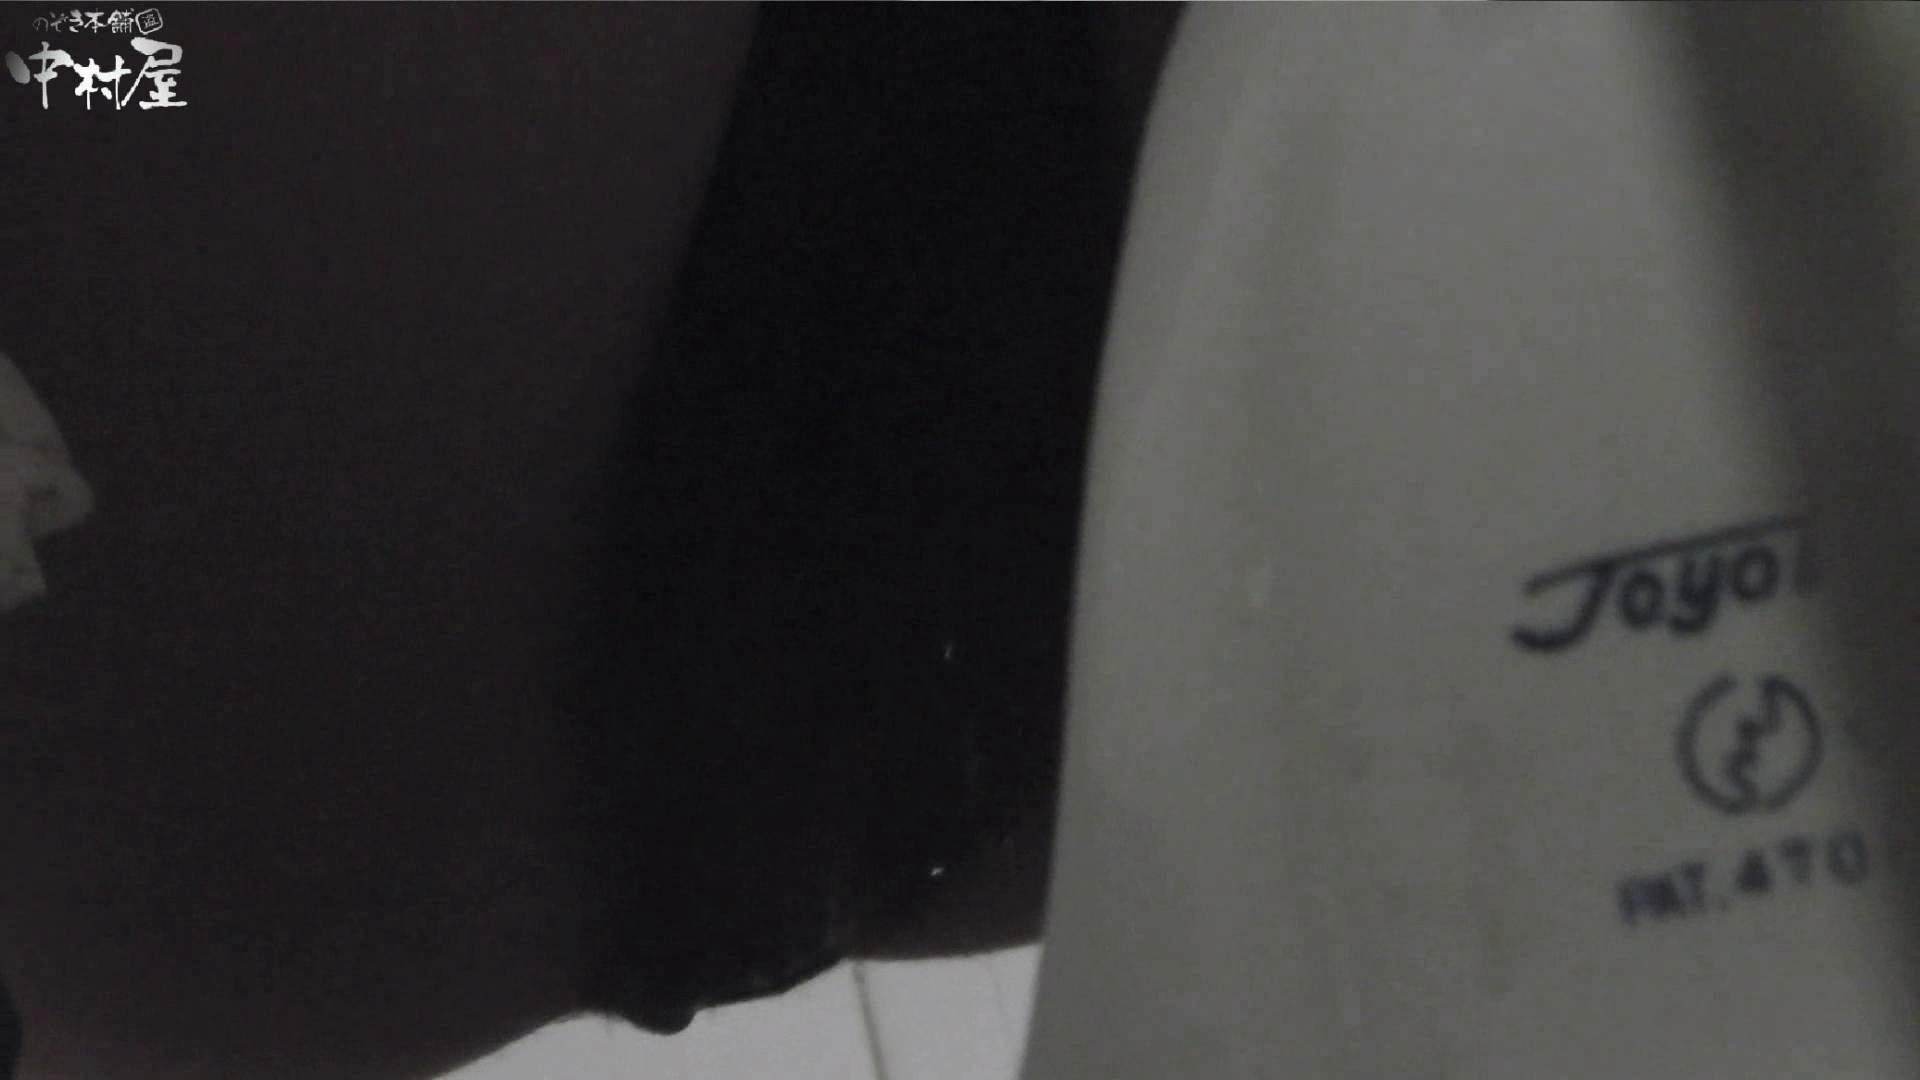 vol.09 命がけ潜伏洗面所! ハミ具さま 潜入シリーズ | プライベート  71pic 52